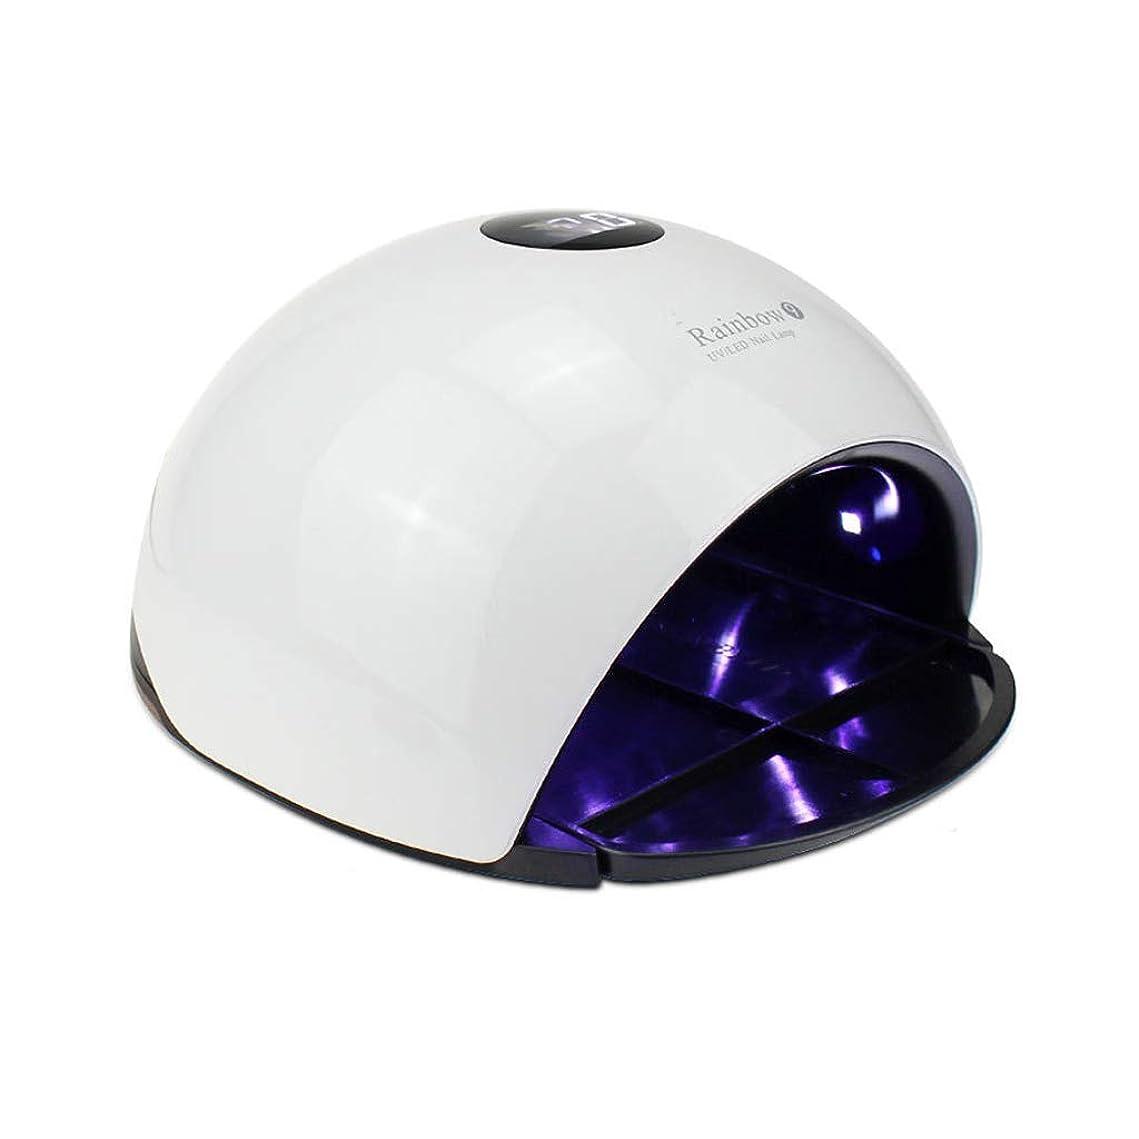 入力悲惨借りる釘の光線療法のスマートはさまざまなゲルのゲルのデジタル表示の無痛モードを治すために、36 W を感知できる